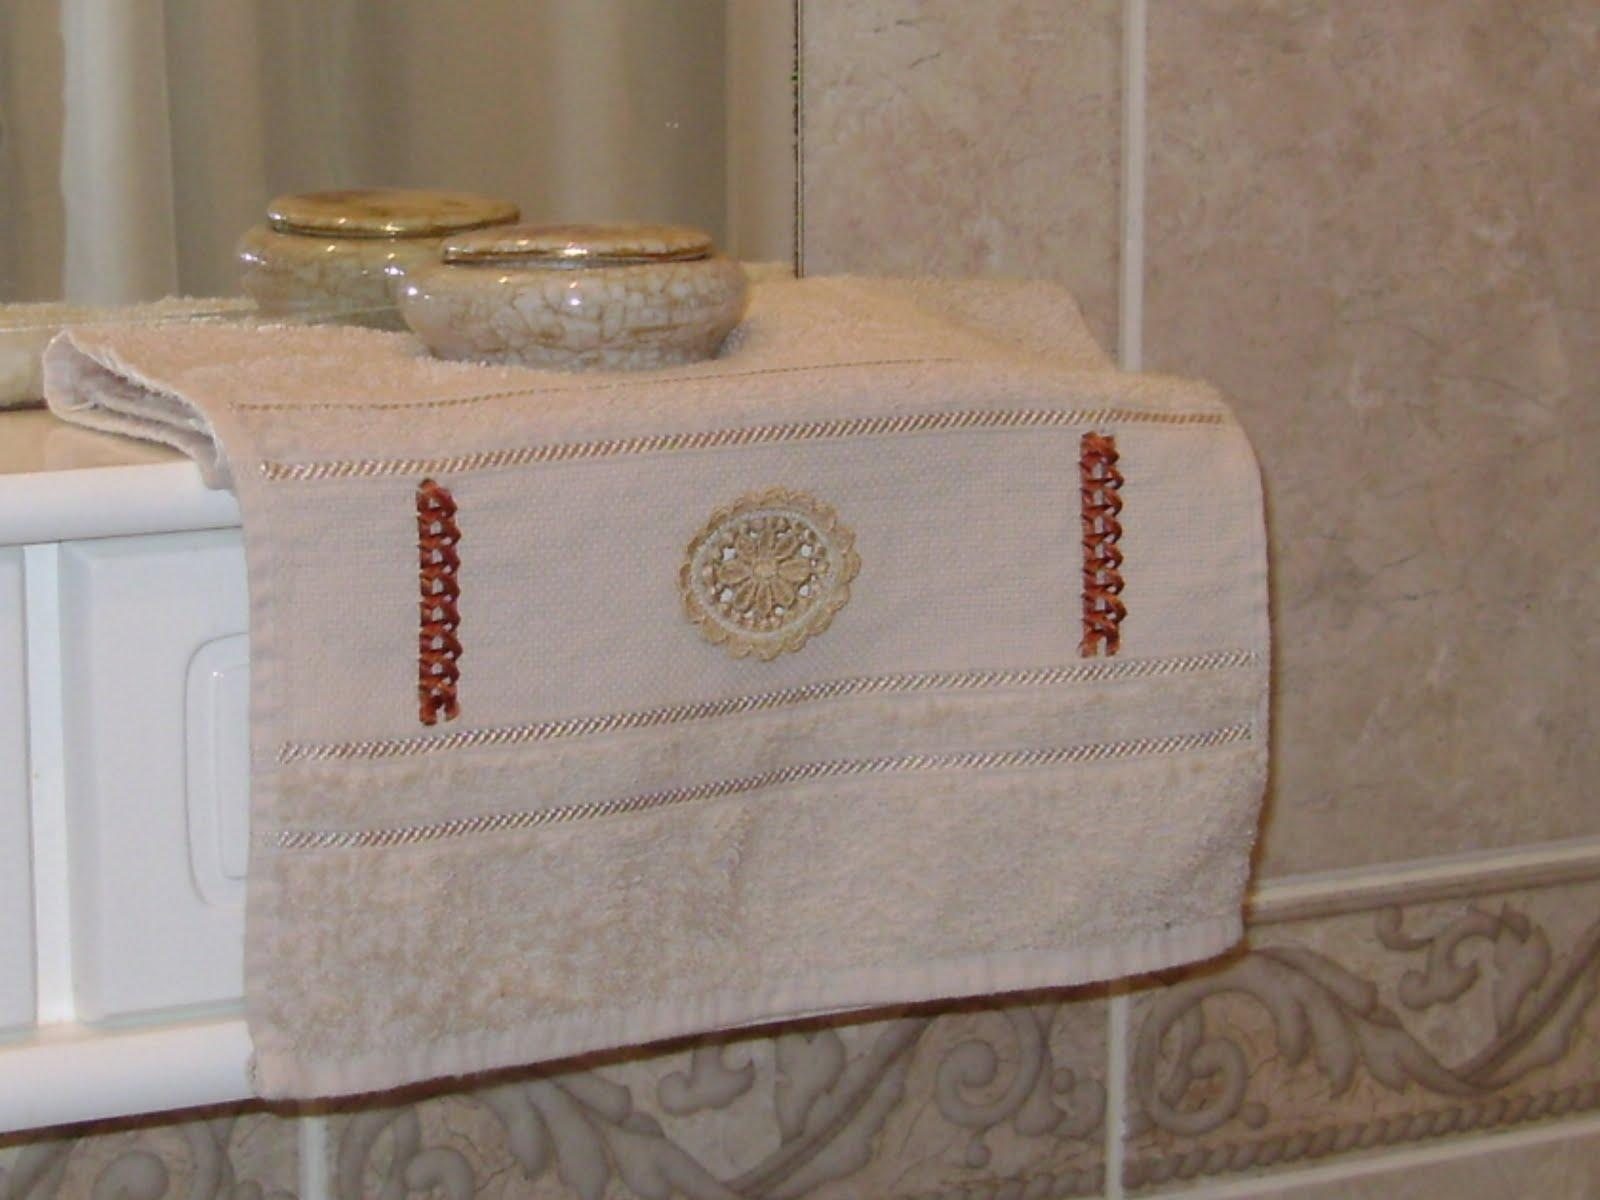 Hilos de aralena for Apliques para toallas